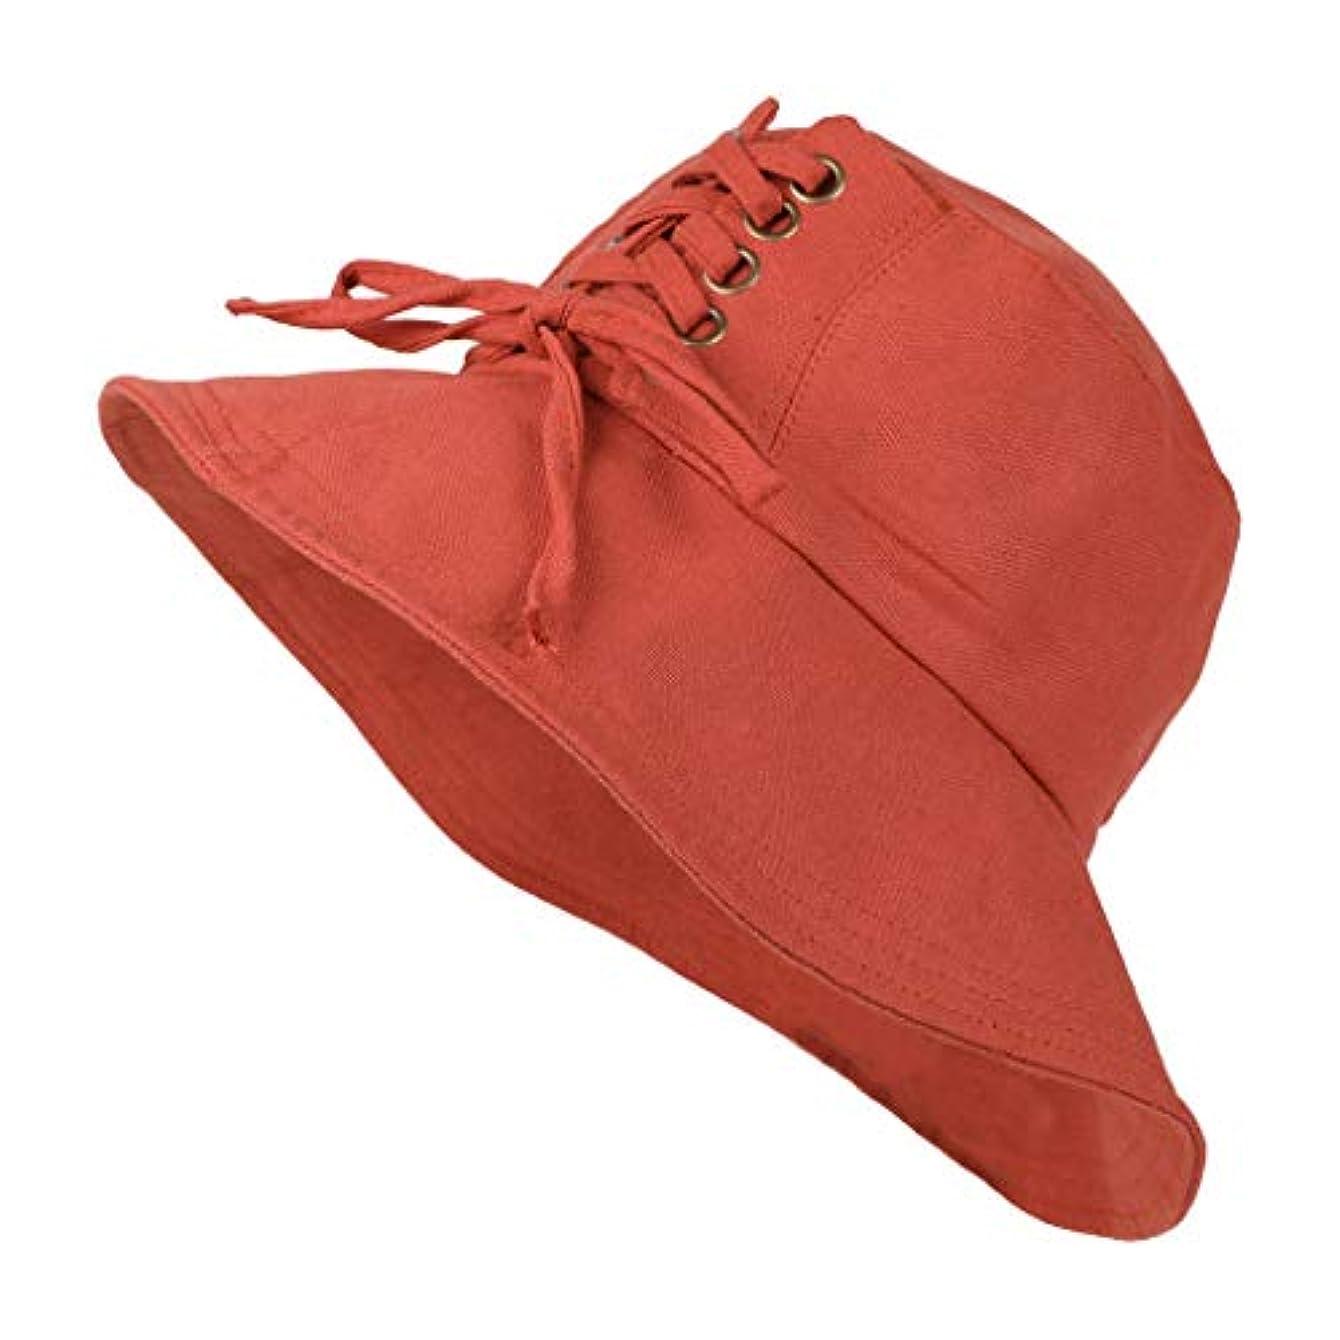 ペネロペペルーローブUVカット 帽子 レディース 日よけ 帽子 レディース ハット つば広 ハット日よけ 折りたたみ 夏季 女優帽 小顔効果抜群 日よけ 小顔 UV対策 おしゃれ 可愛い ハット ニット帽 キャップ レディース ROSE ROMAN